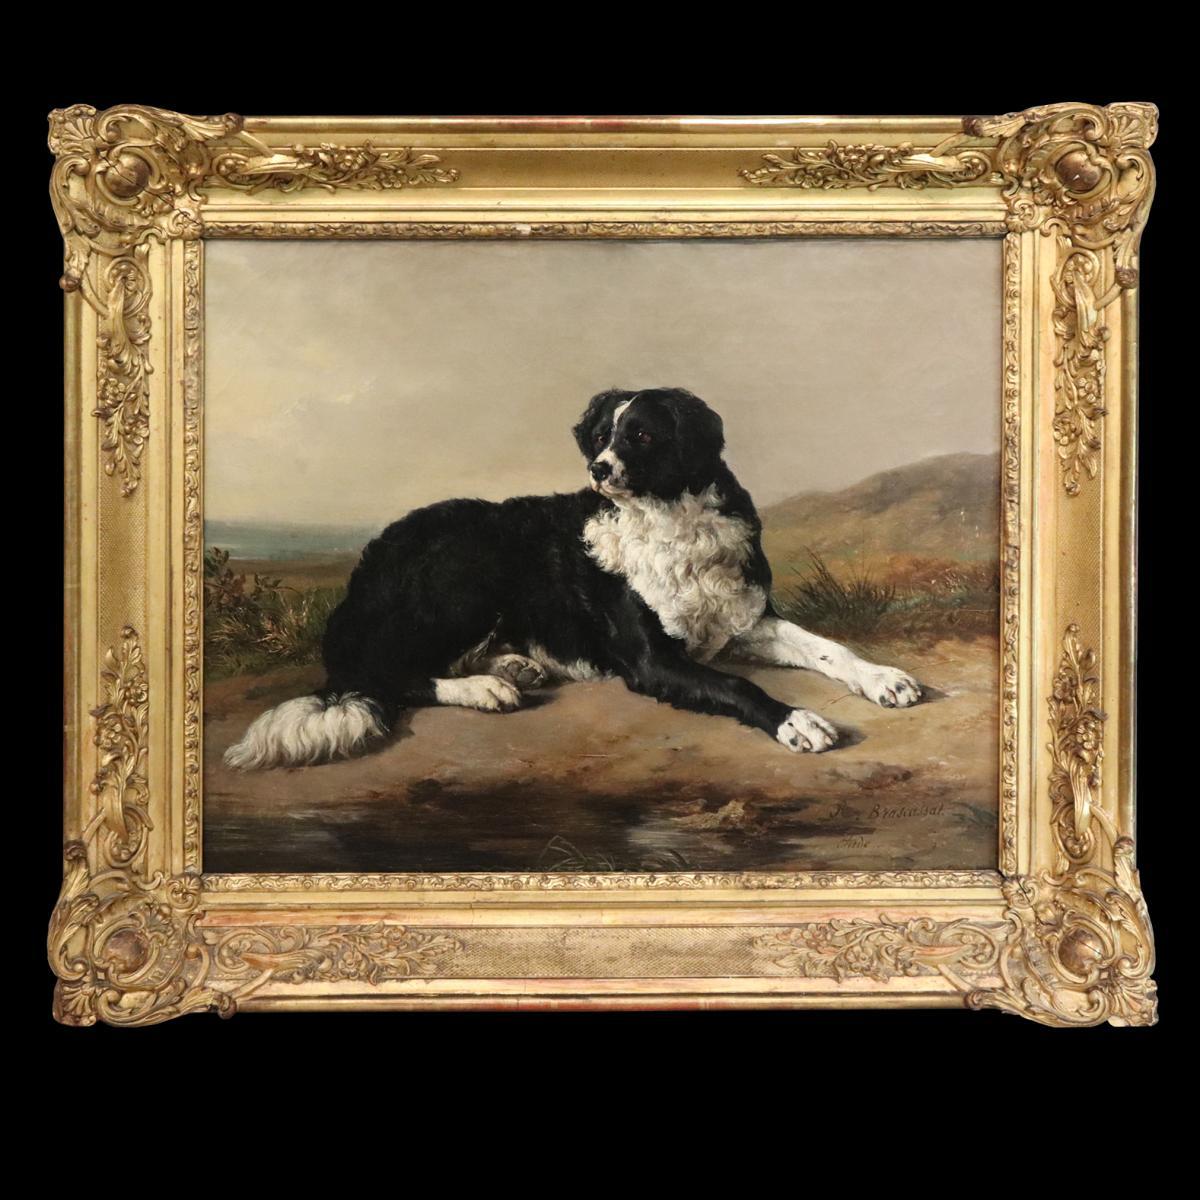 Jacques Brascassat (1804-1867) - Le chien de l'artiste